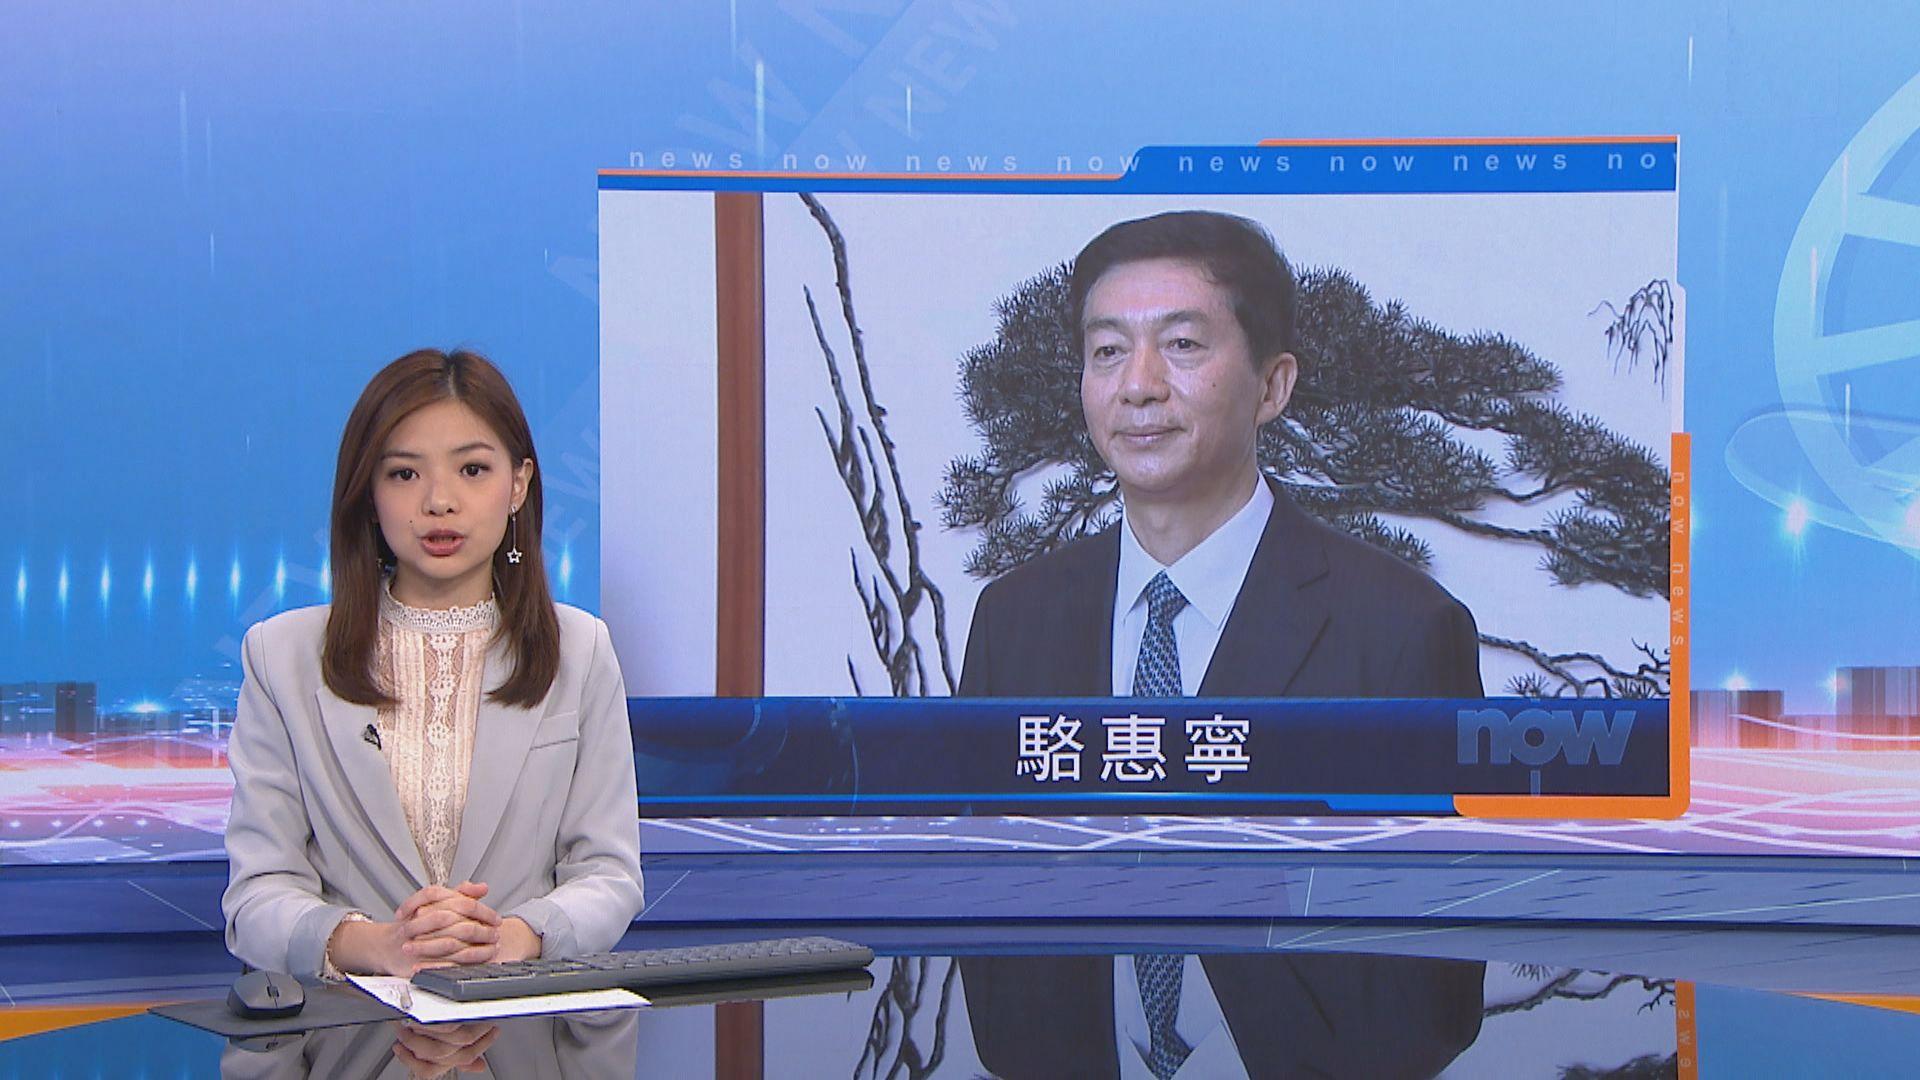 新任中聯辦主任駱惠寧:會真誠做好新使命